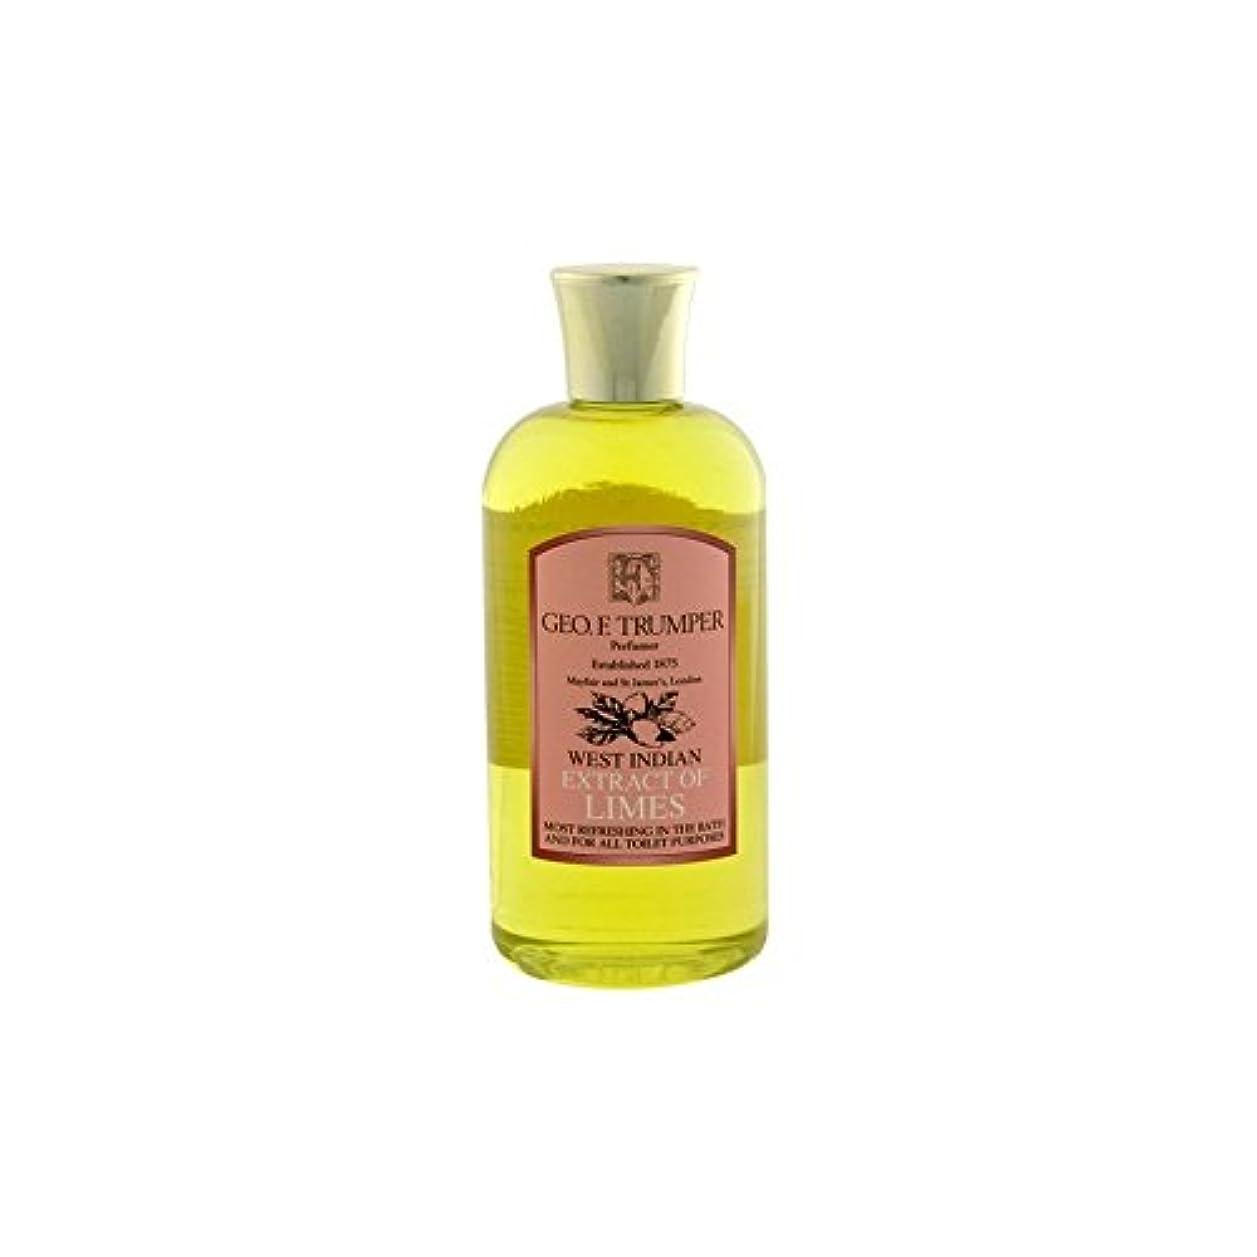 編集者トピックラフトTrumpers Limes Bath & Shower Gel - 500ml Travel - ライムのバス&シャワージェル - 500ミリリットル旅 [並行輸入品]